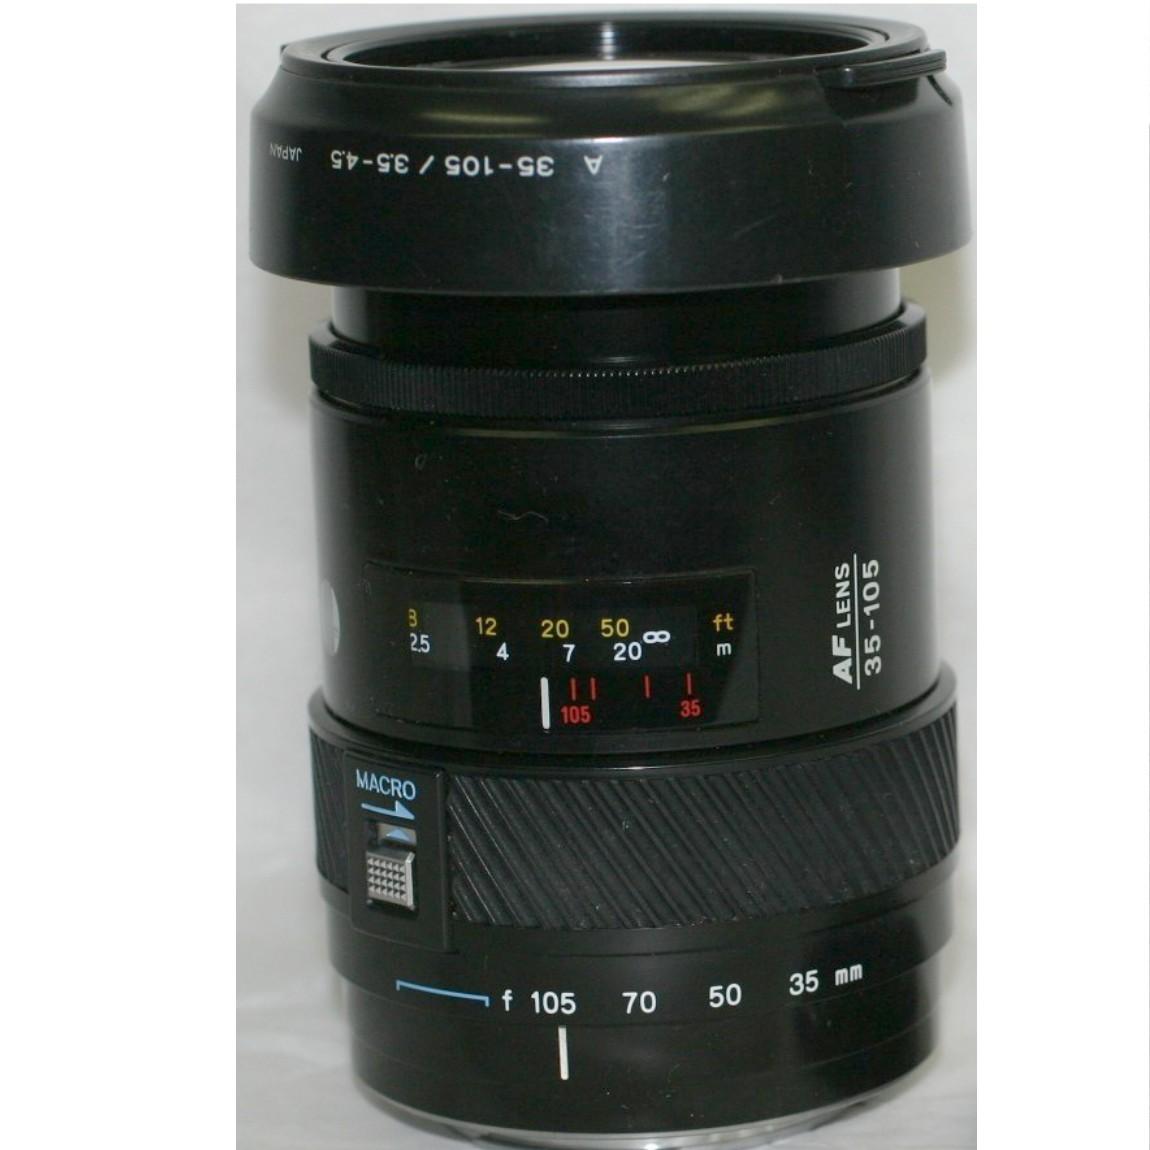 【中古】完動品ミノルタのソニー1眼レフカメラ使用可能AFズームレンズ35-105mm/F3.5-4,5